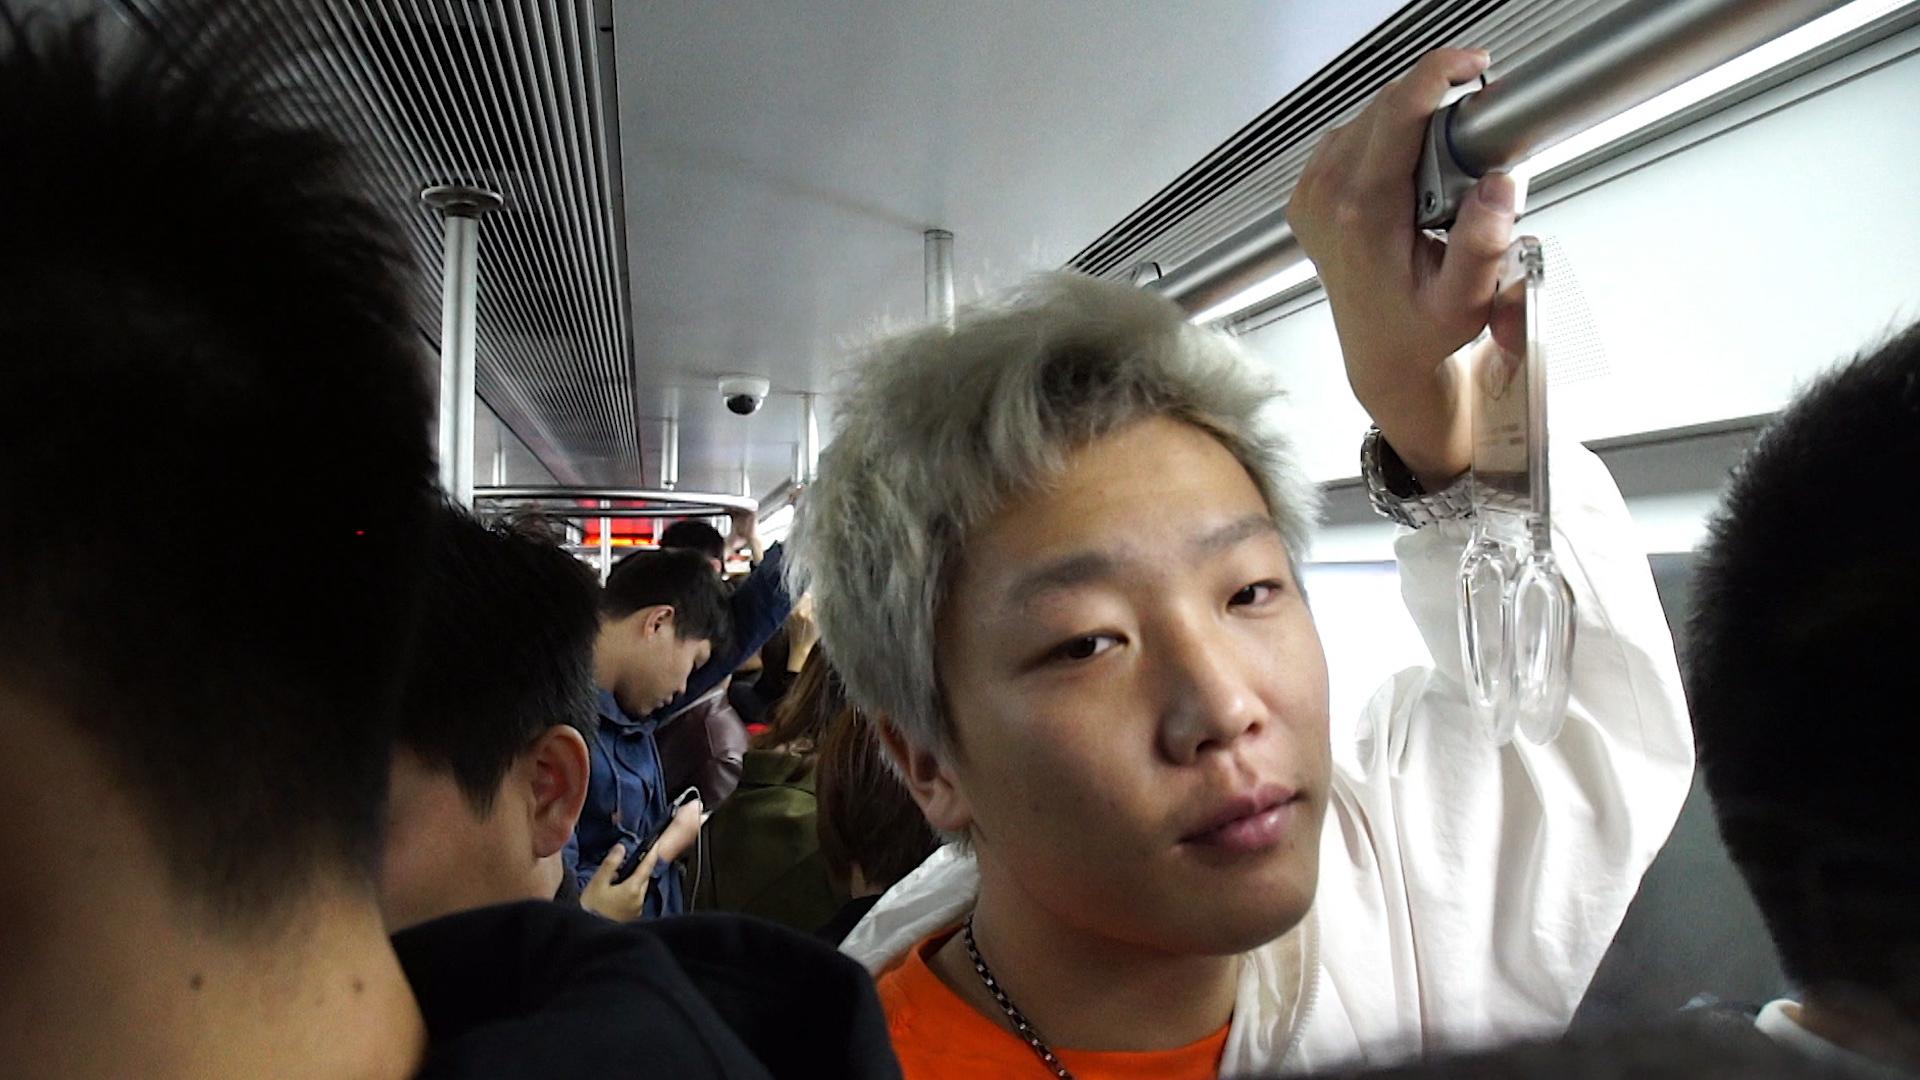 Tâm sự của một chàng Trung Quốc độc thân